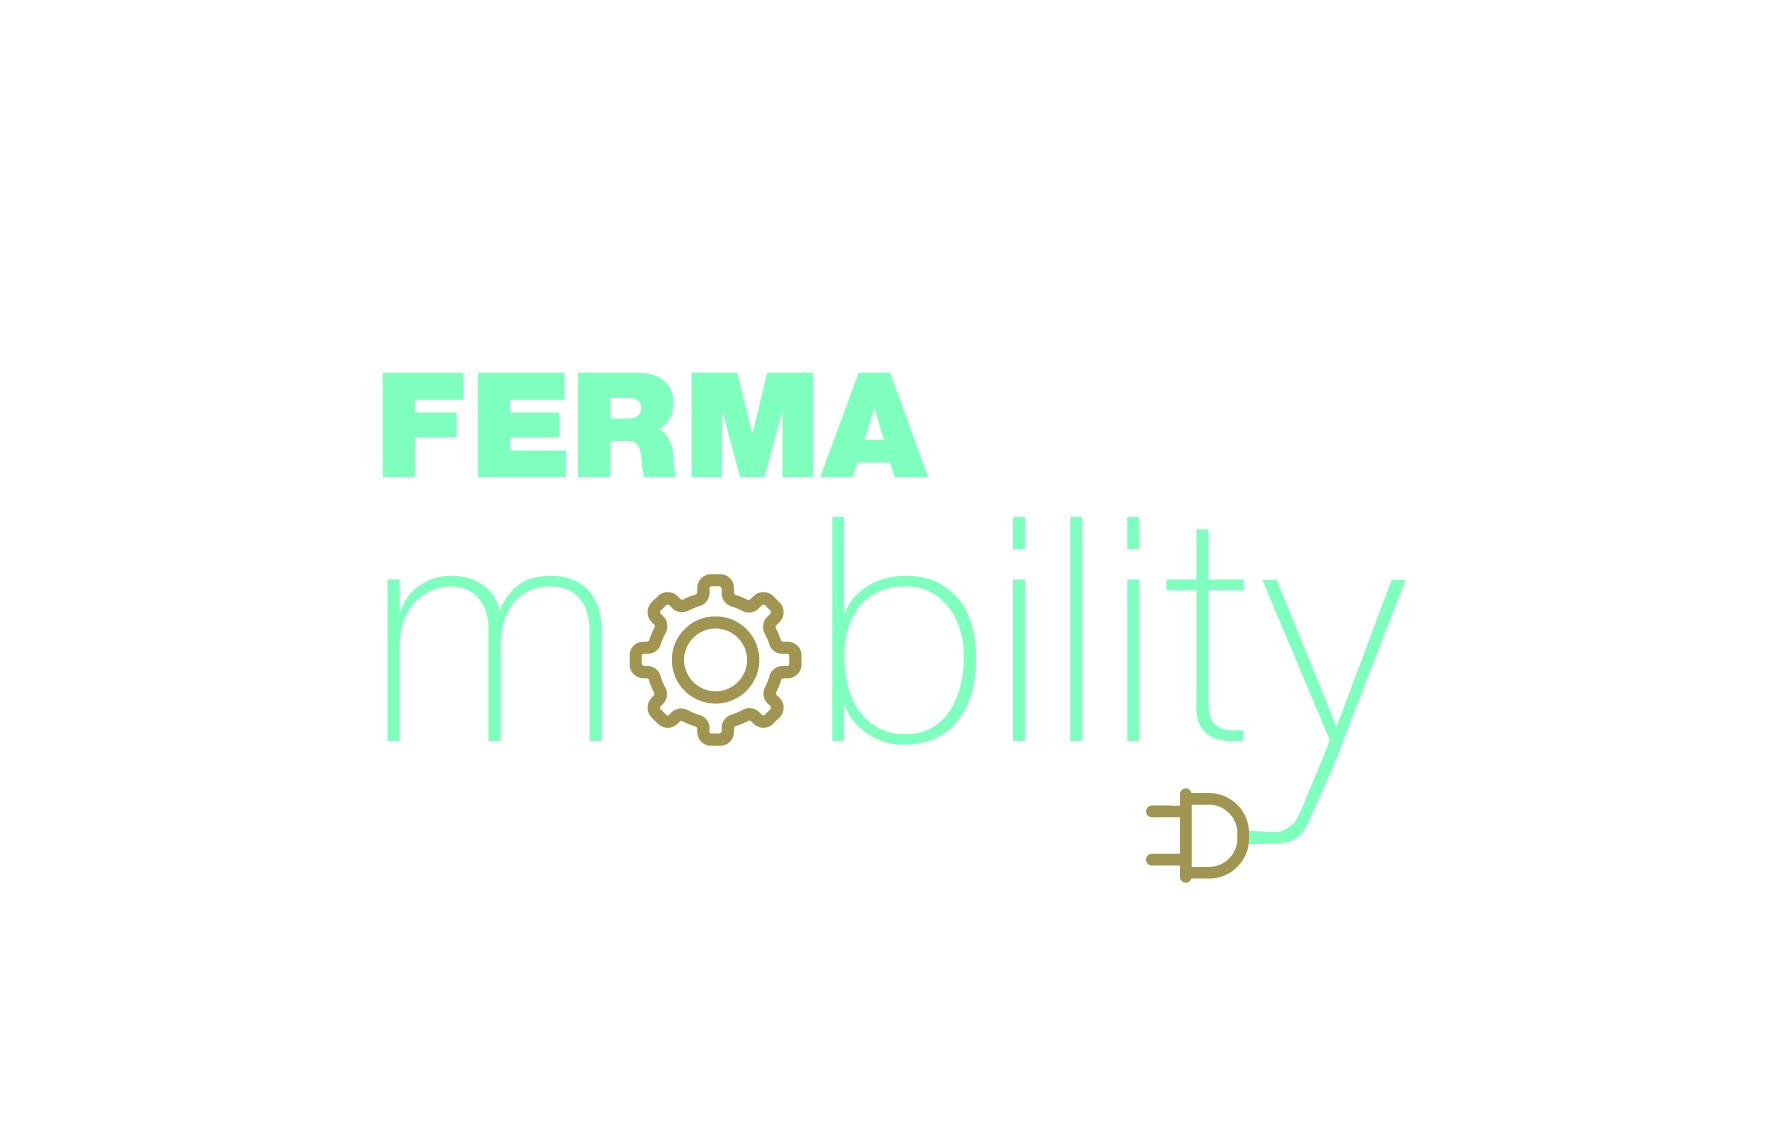 FERMA Mobility, cita para este fin de semana en Barbastro dentro de FERMA 2021